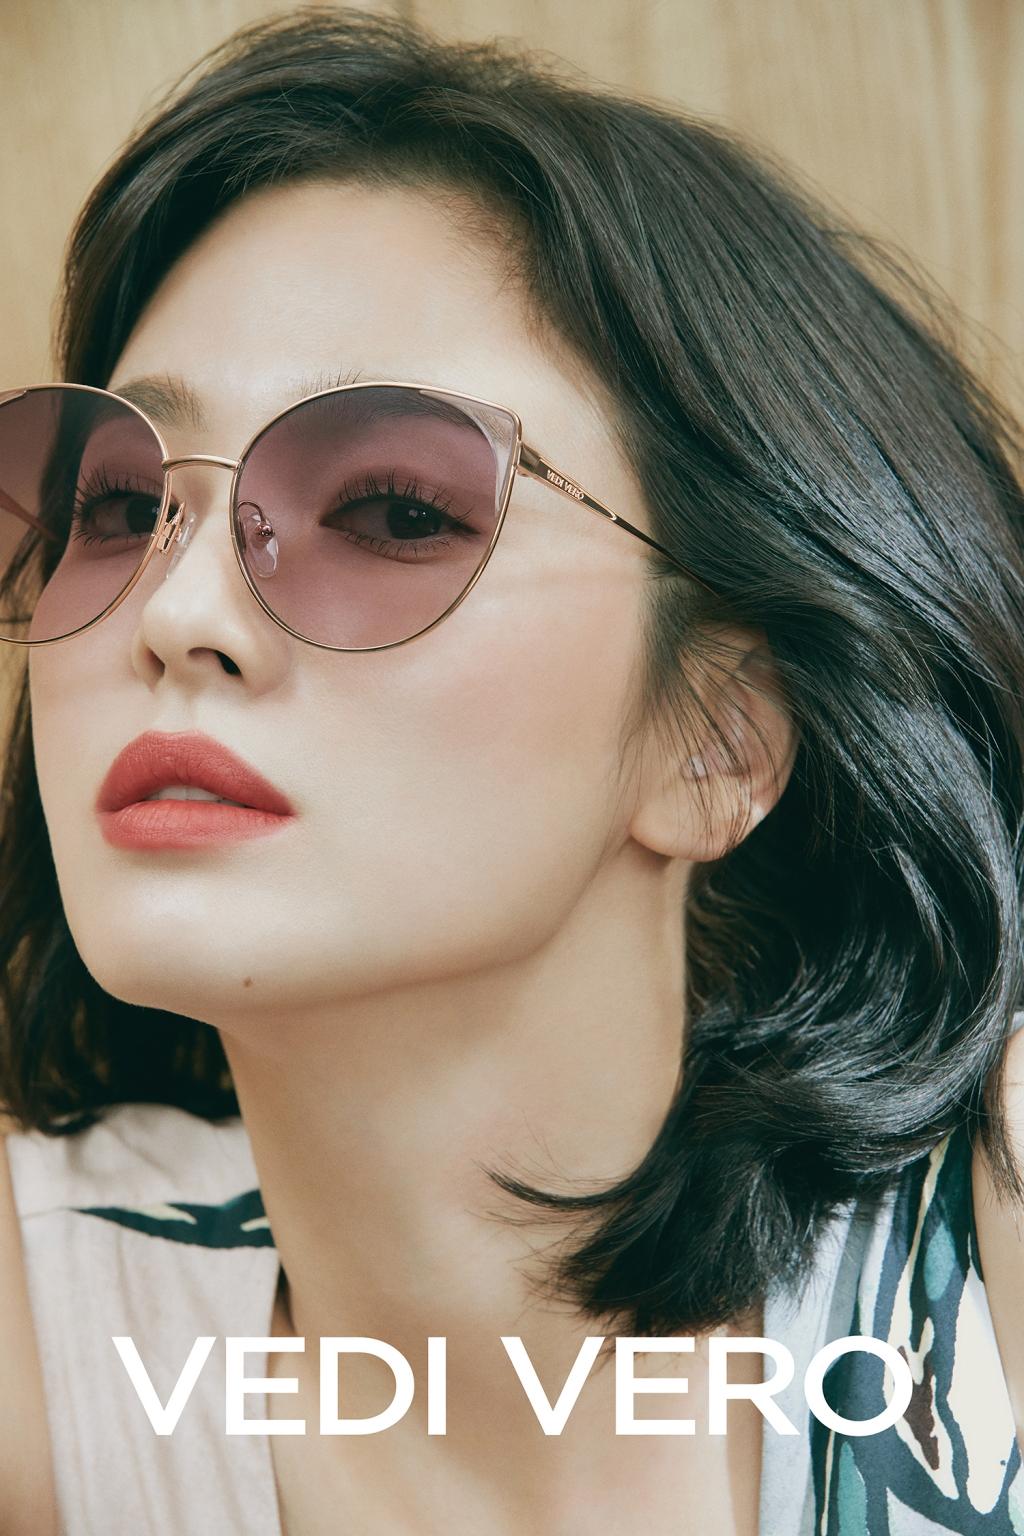 송혜교, 선글라스 화보 공개..세련미 '물씬'